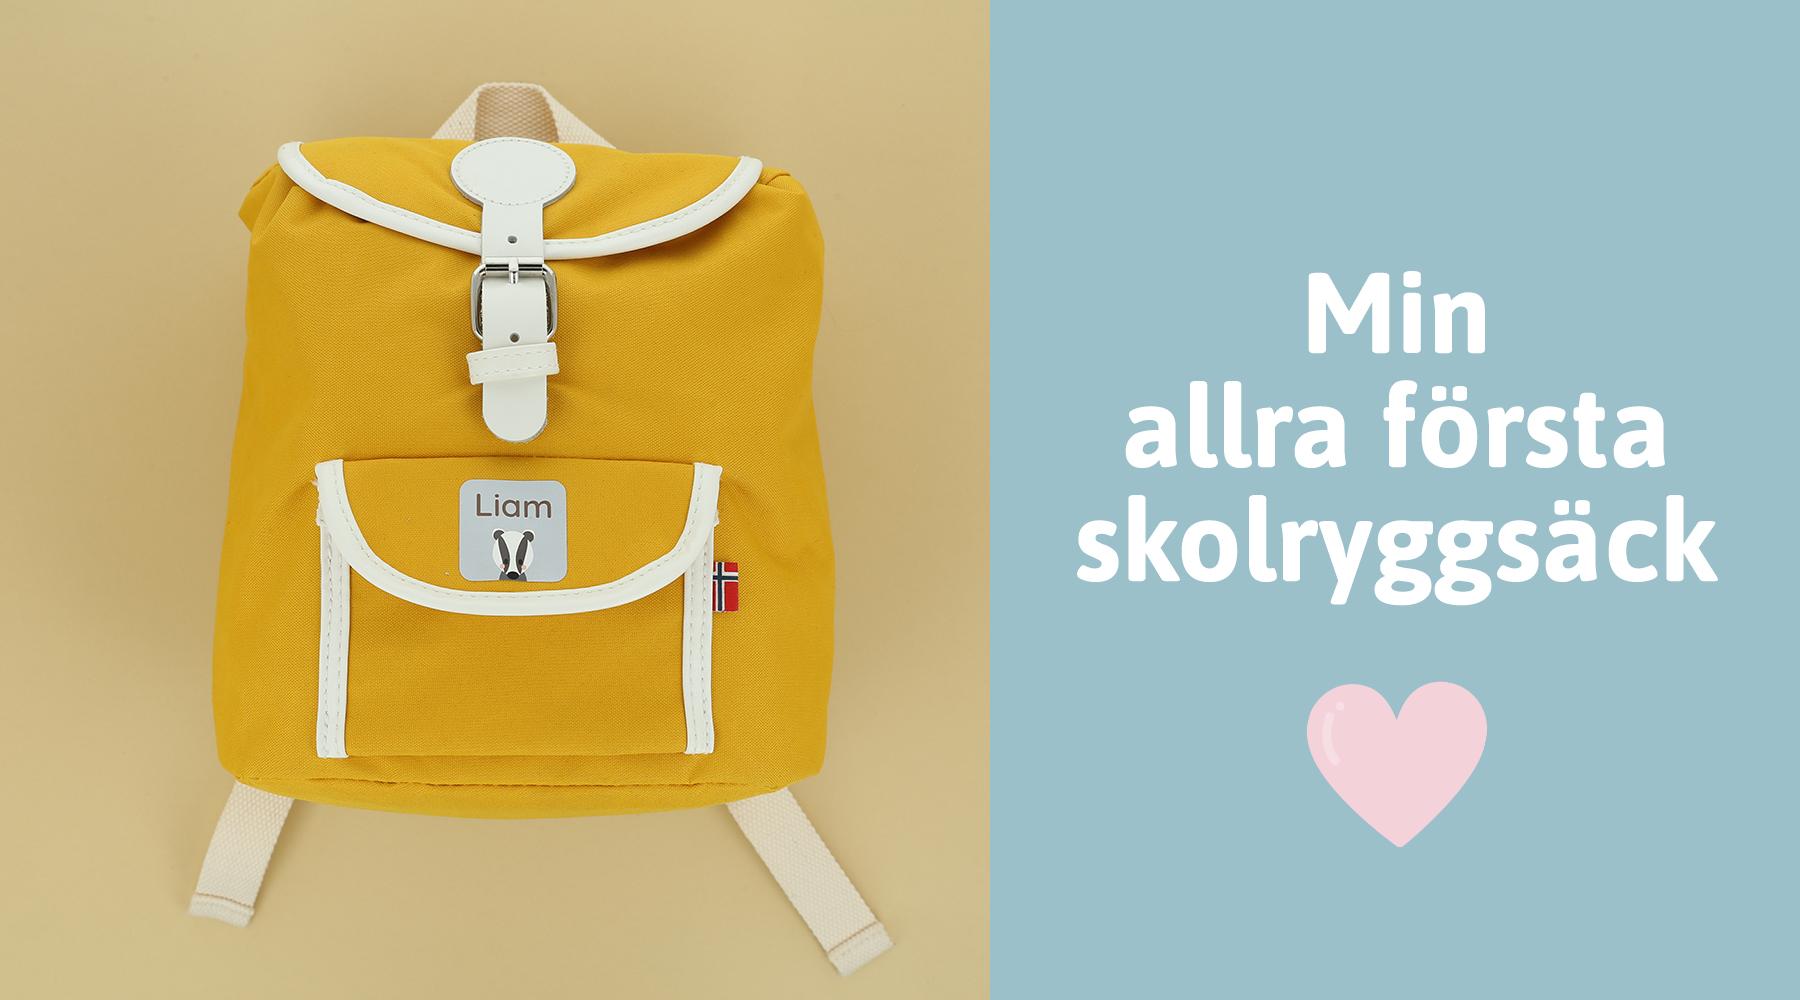 Skolryggsäck till förstaklassare